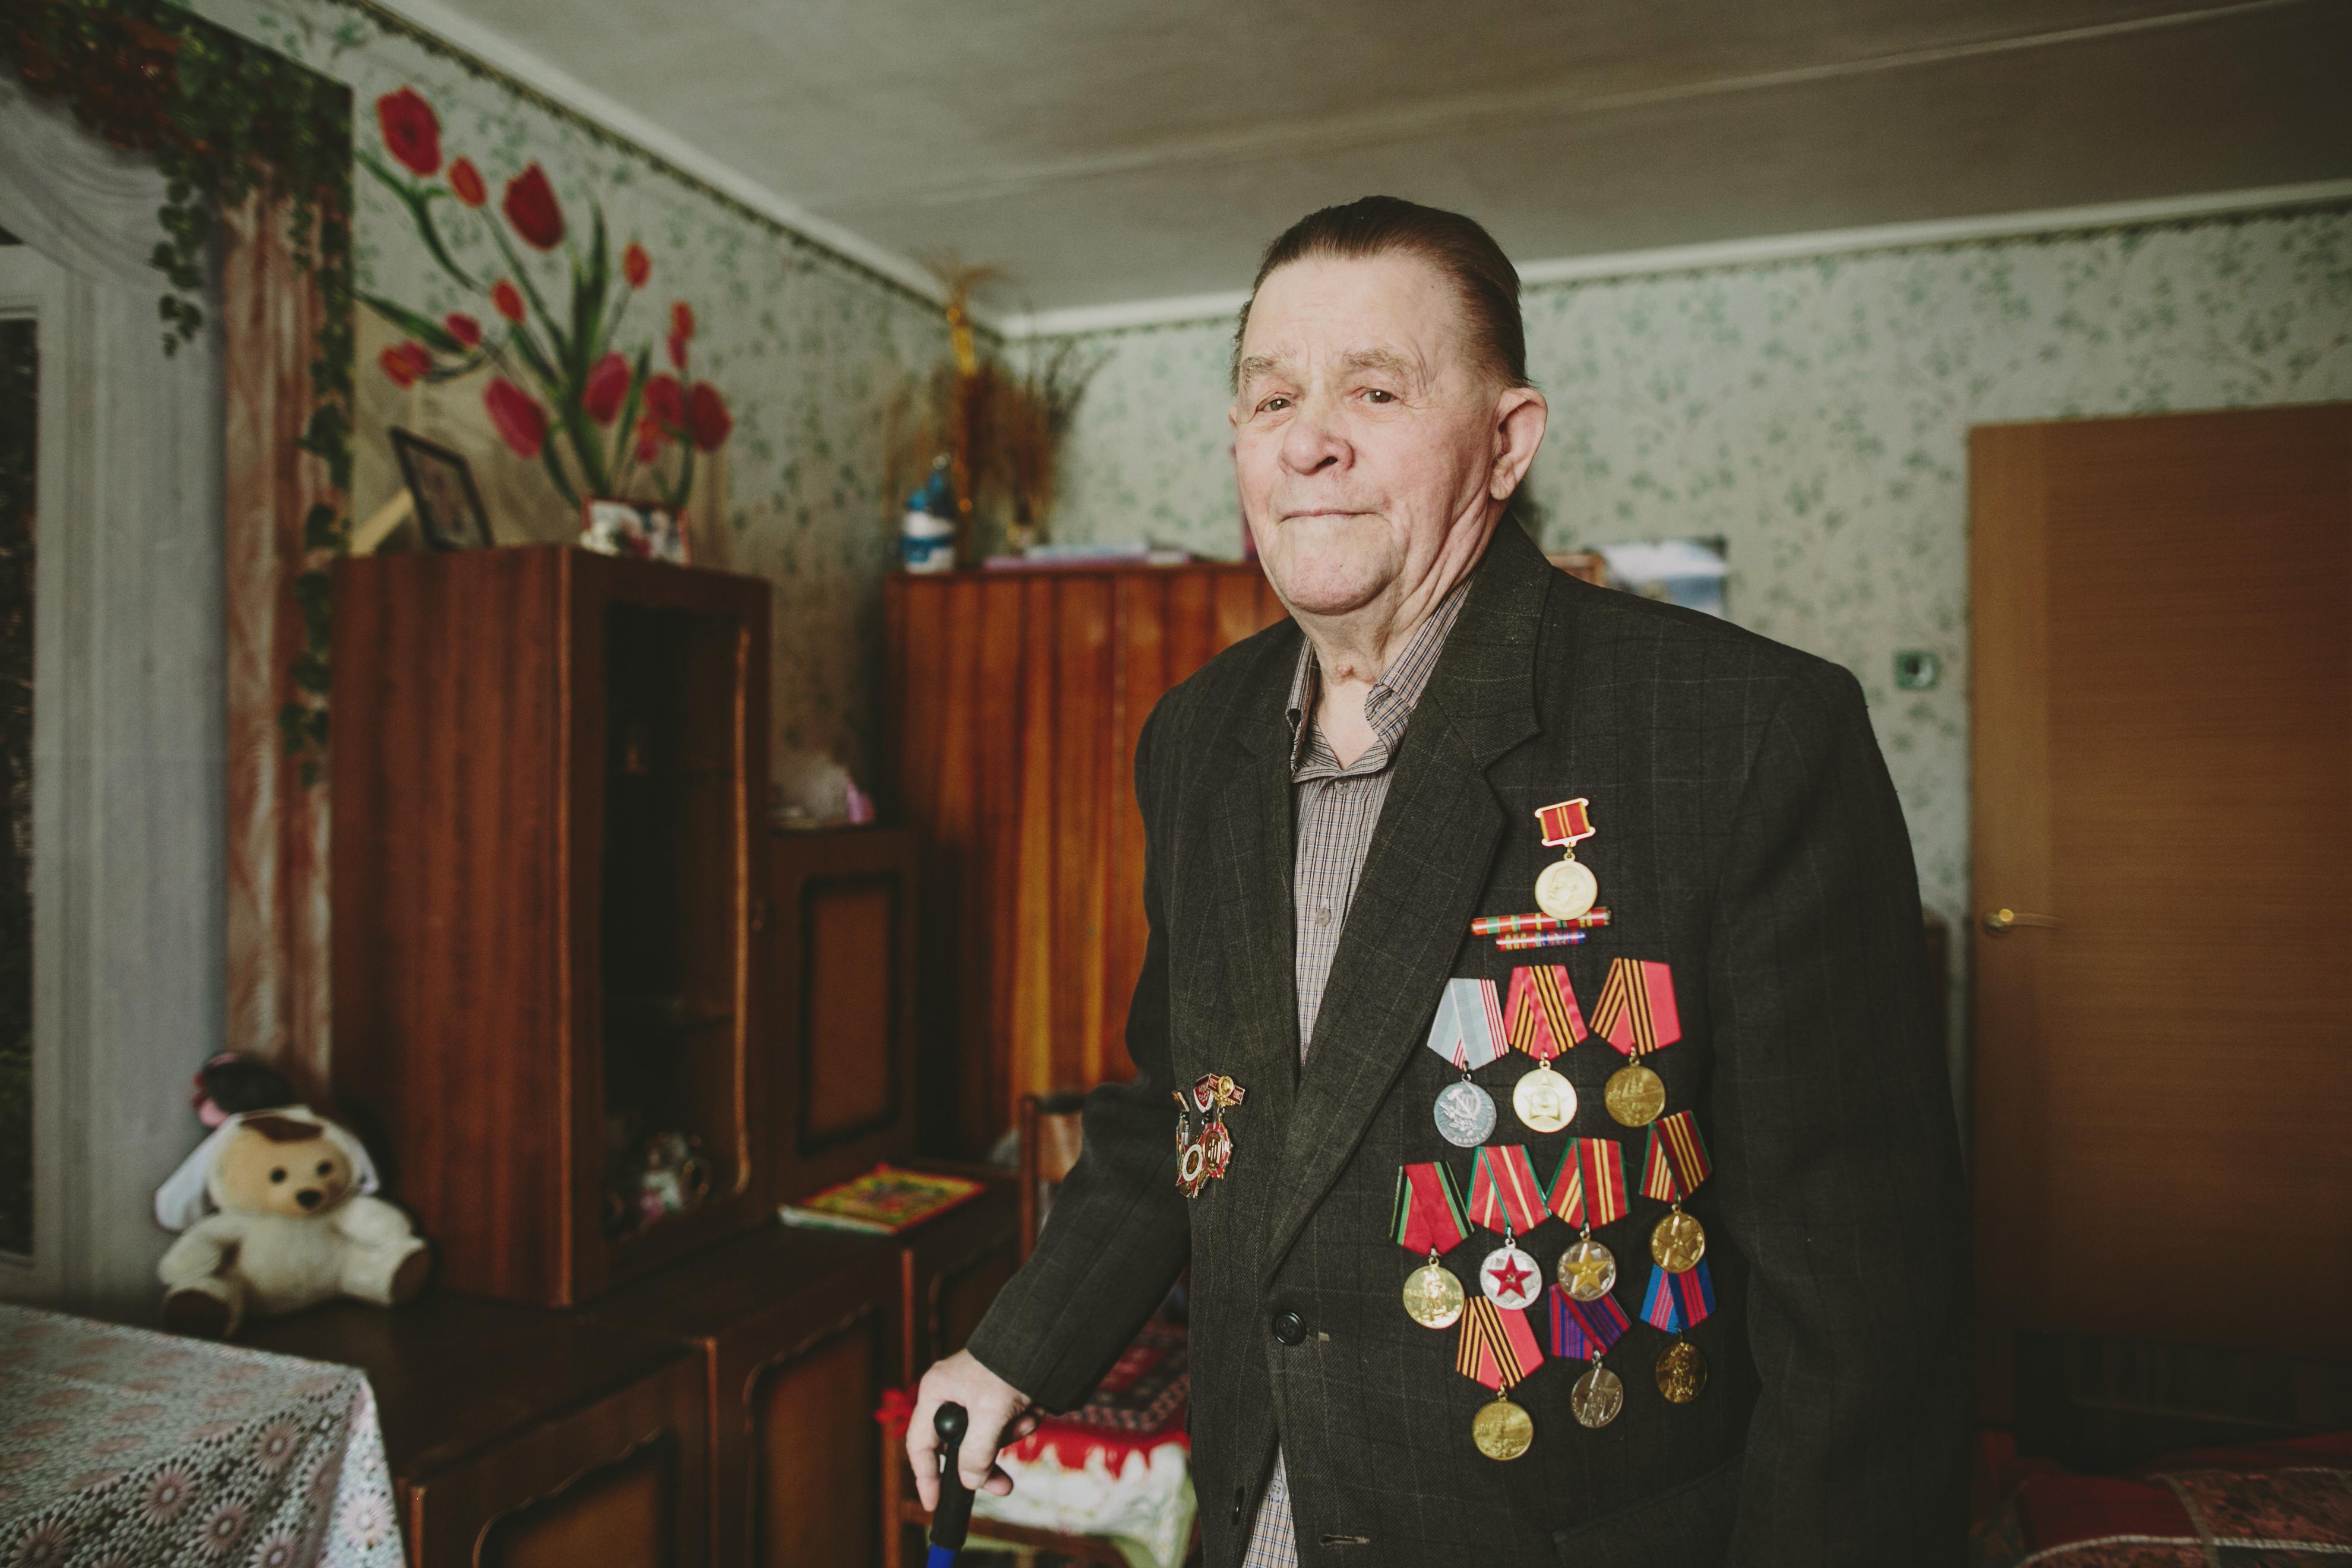 Живые легенды: Вениамин Андреевич. Публикуем истории ветеранов из Верхней Пышмы